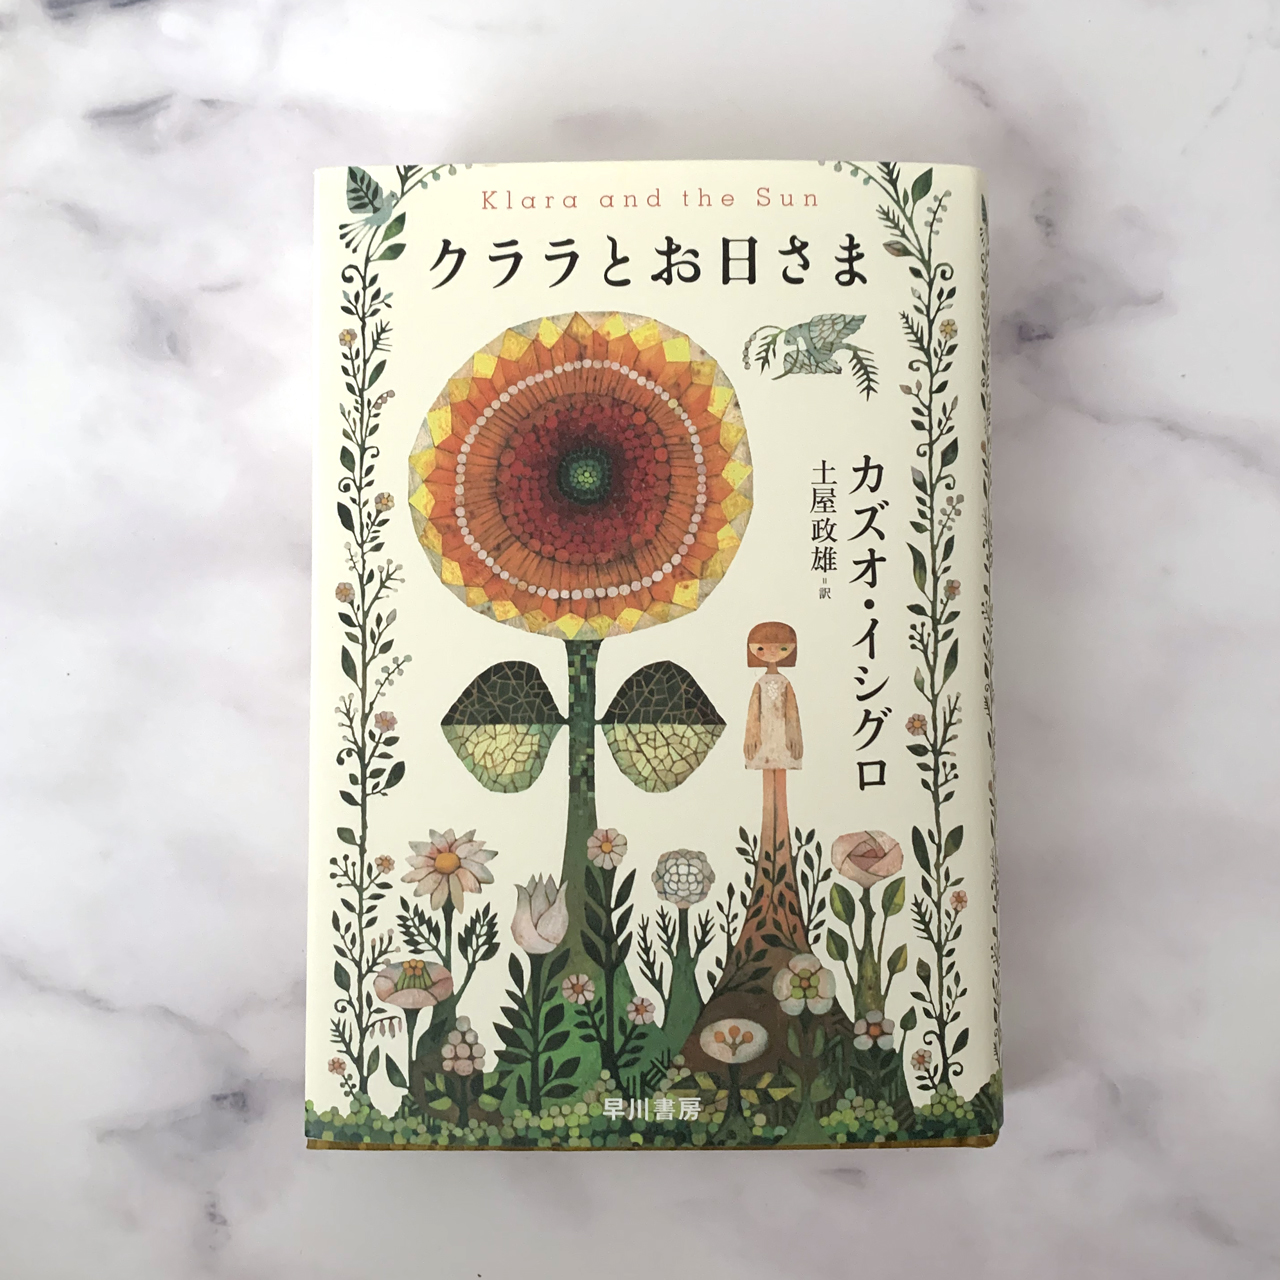 memo/読書記録/クララとお日さま